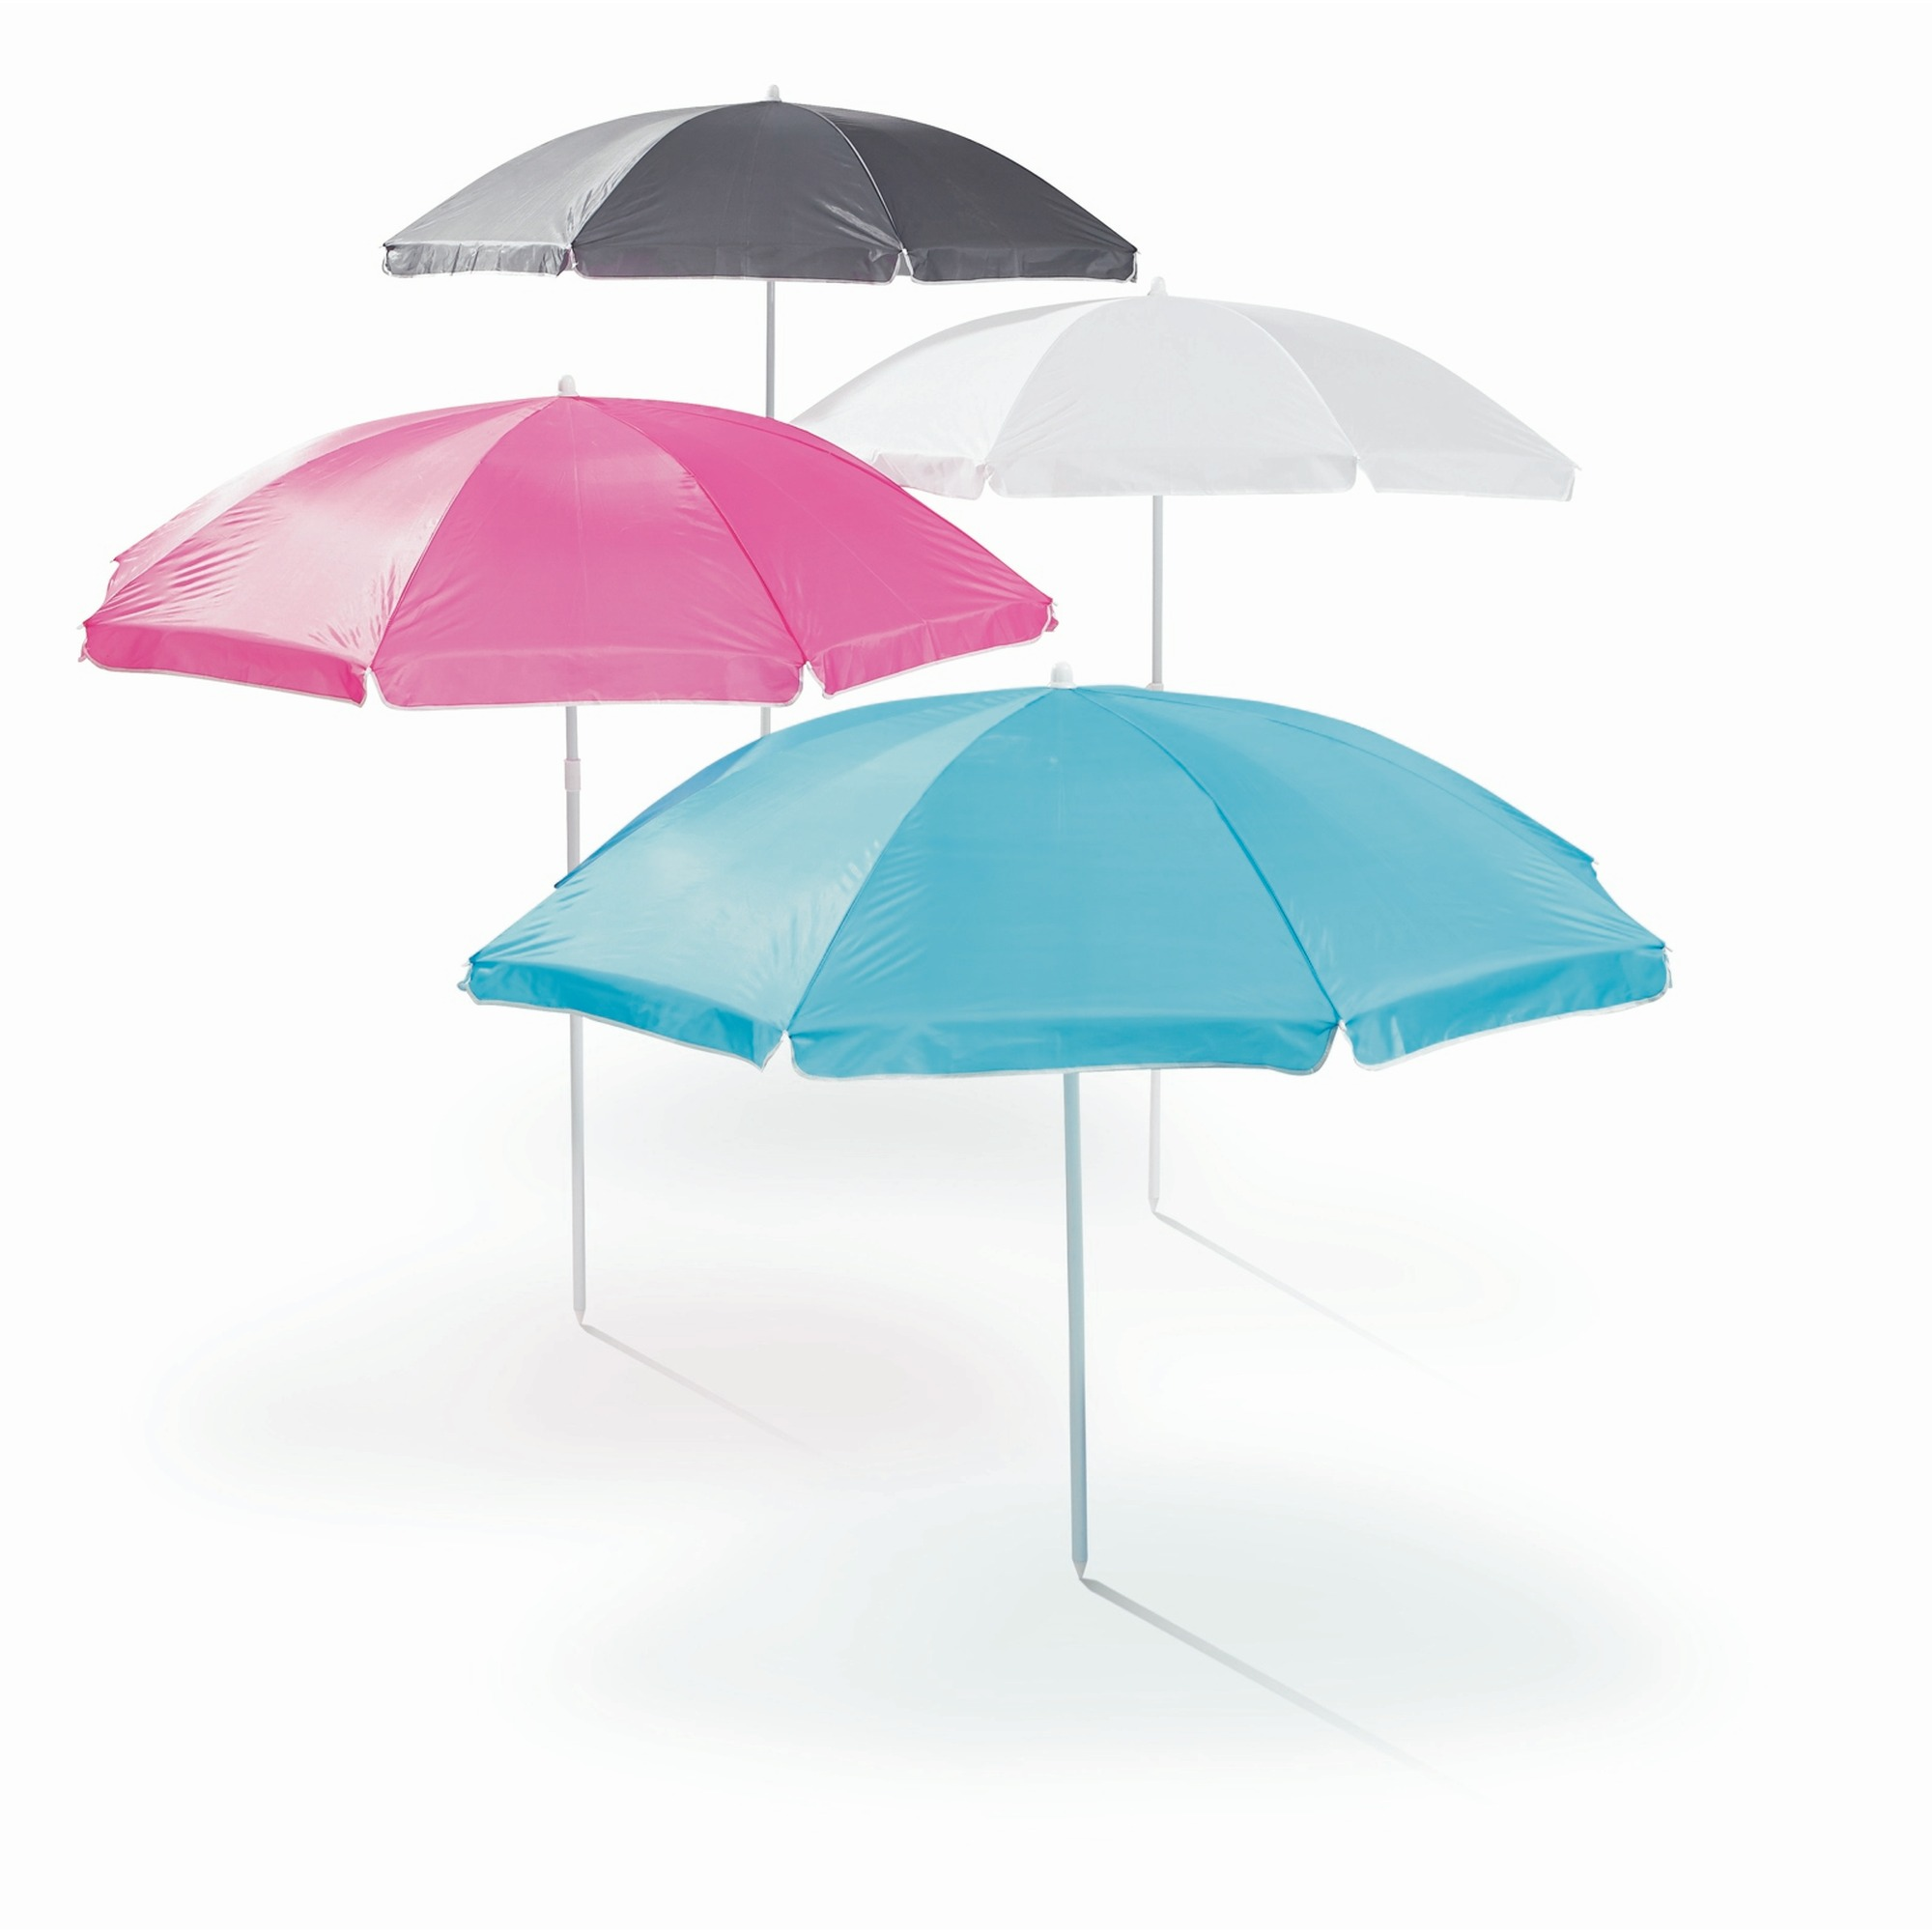 41 Unique De Promo Parasol Schème